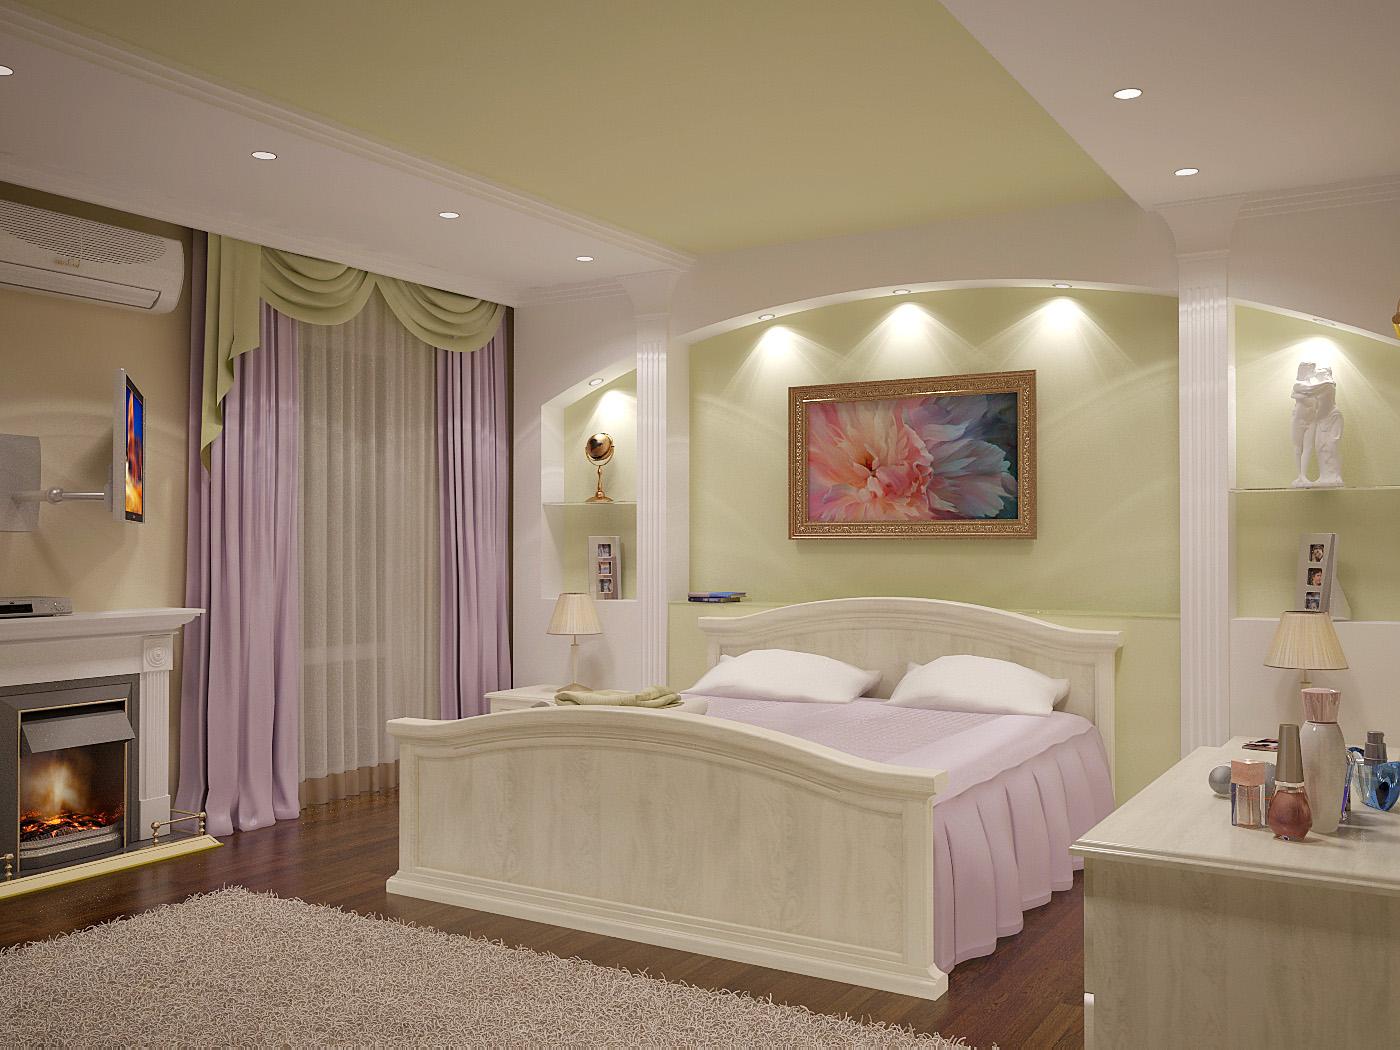 дизайн спальни с гипсокартоном над кроватью фото нужный